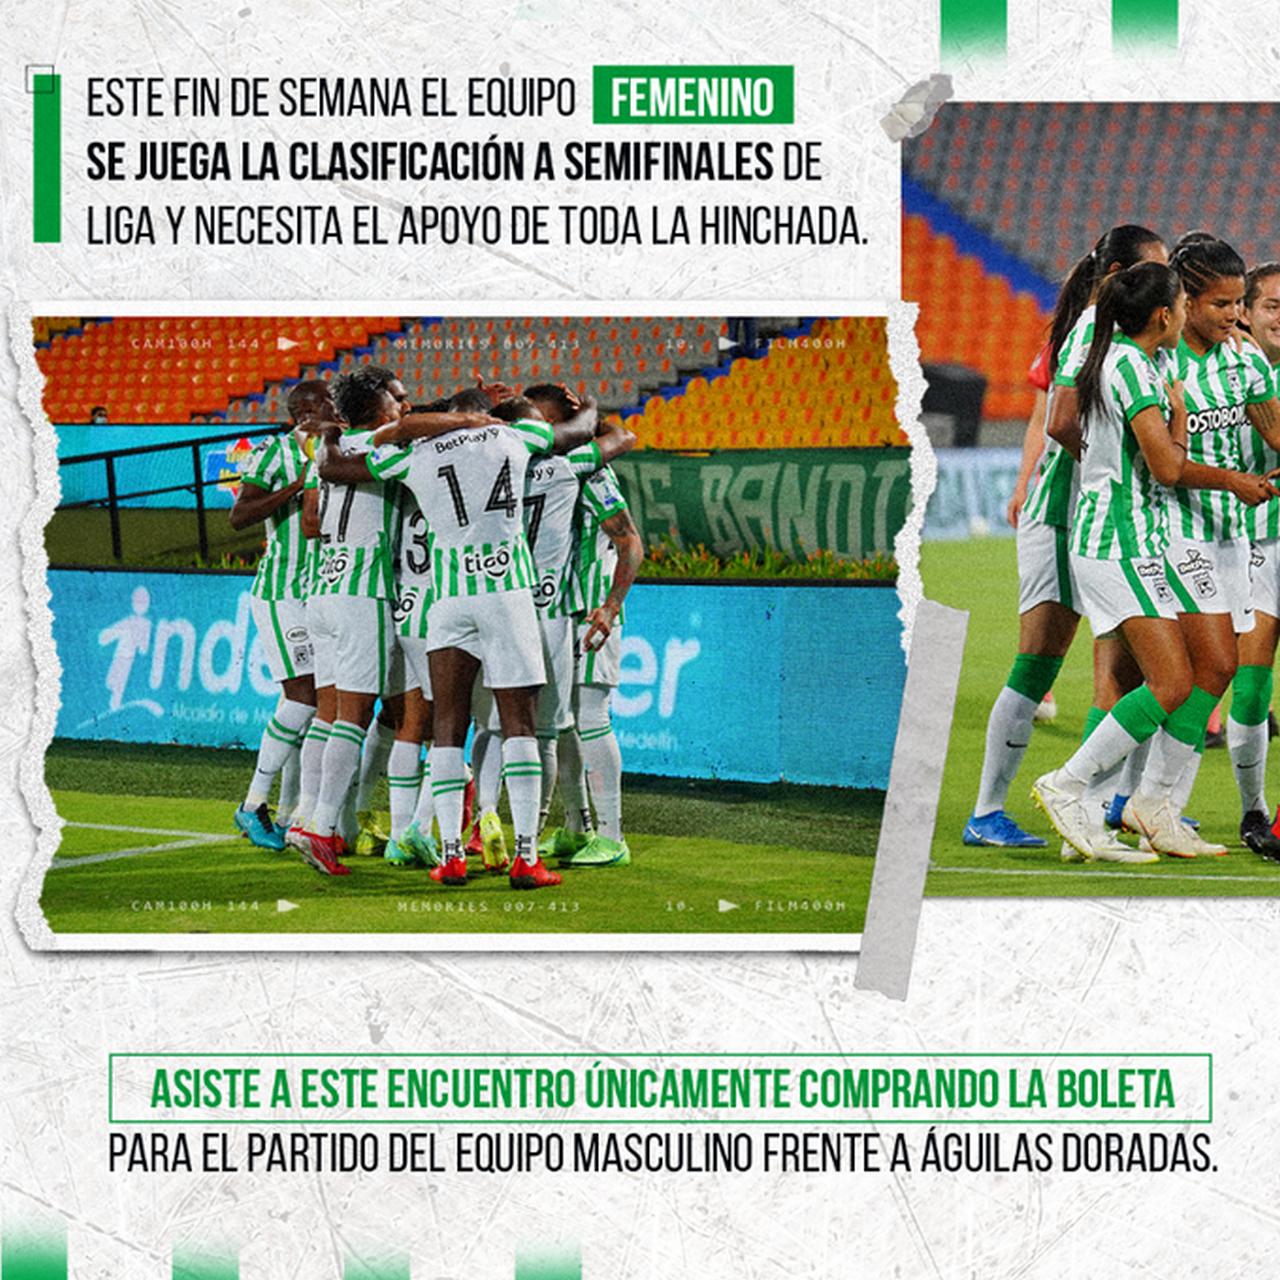 Hinchas de Nacional podran asistir al partido de la fecha 7 de la Liga ante Aguilas 1